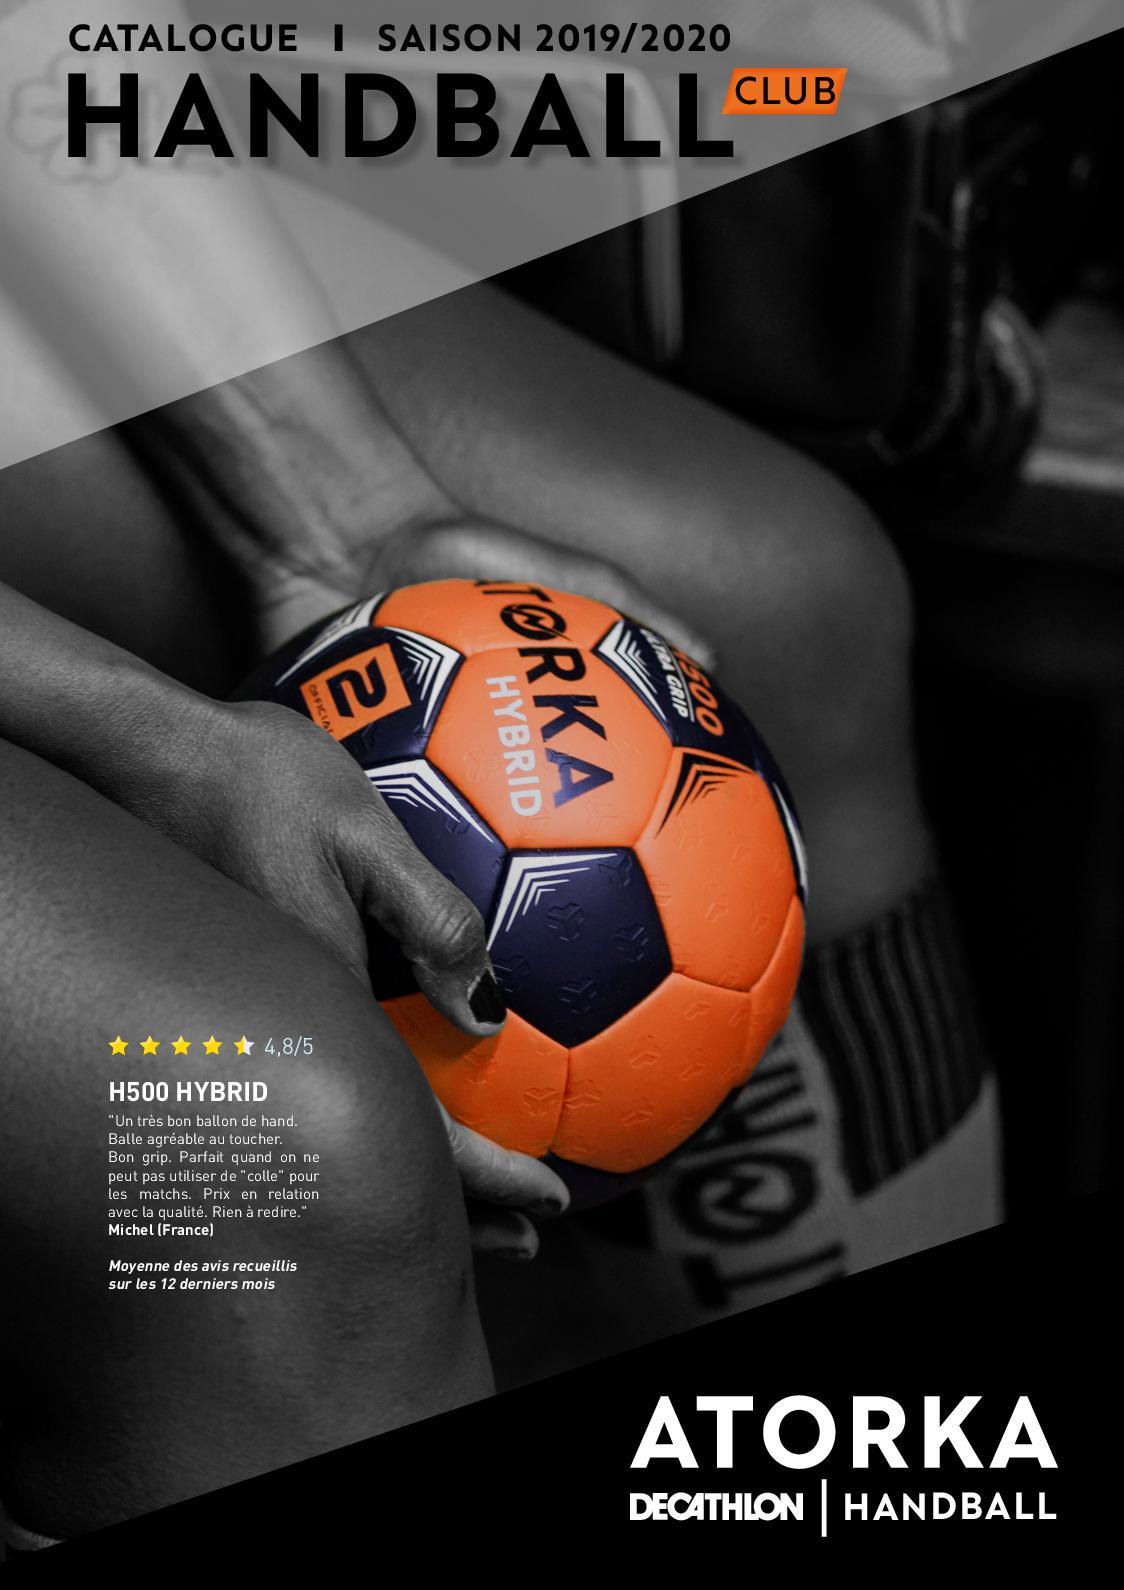 produits Atorka 2019 Calaméo Handball Catalogue NX8wOk0nP